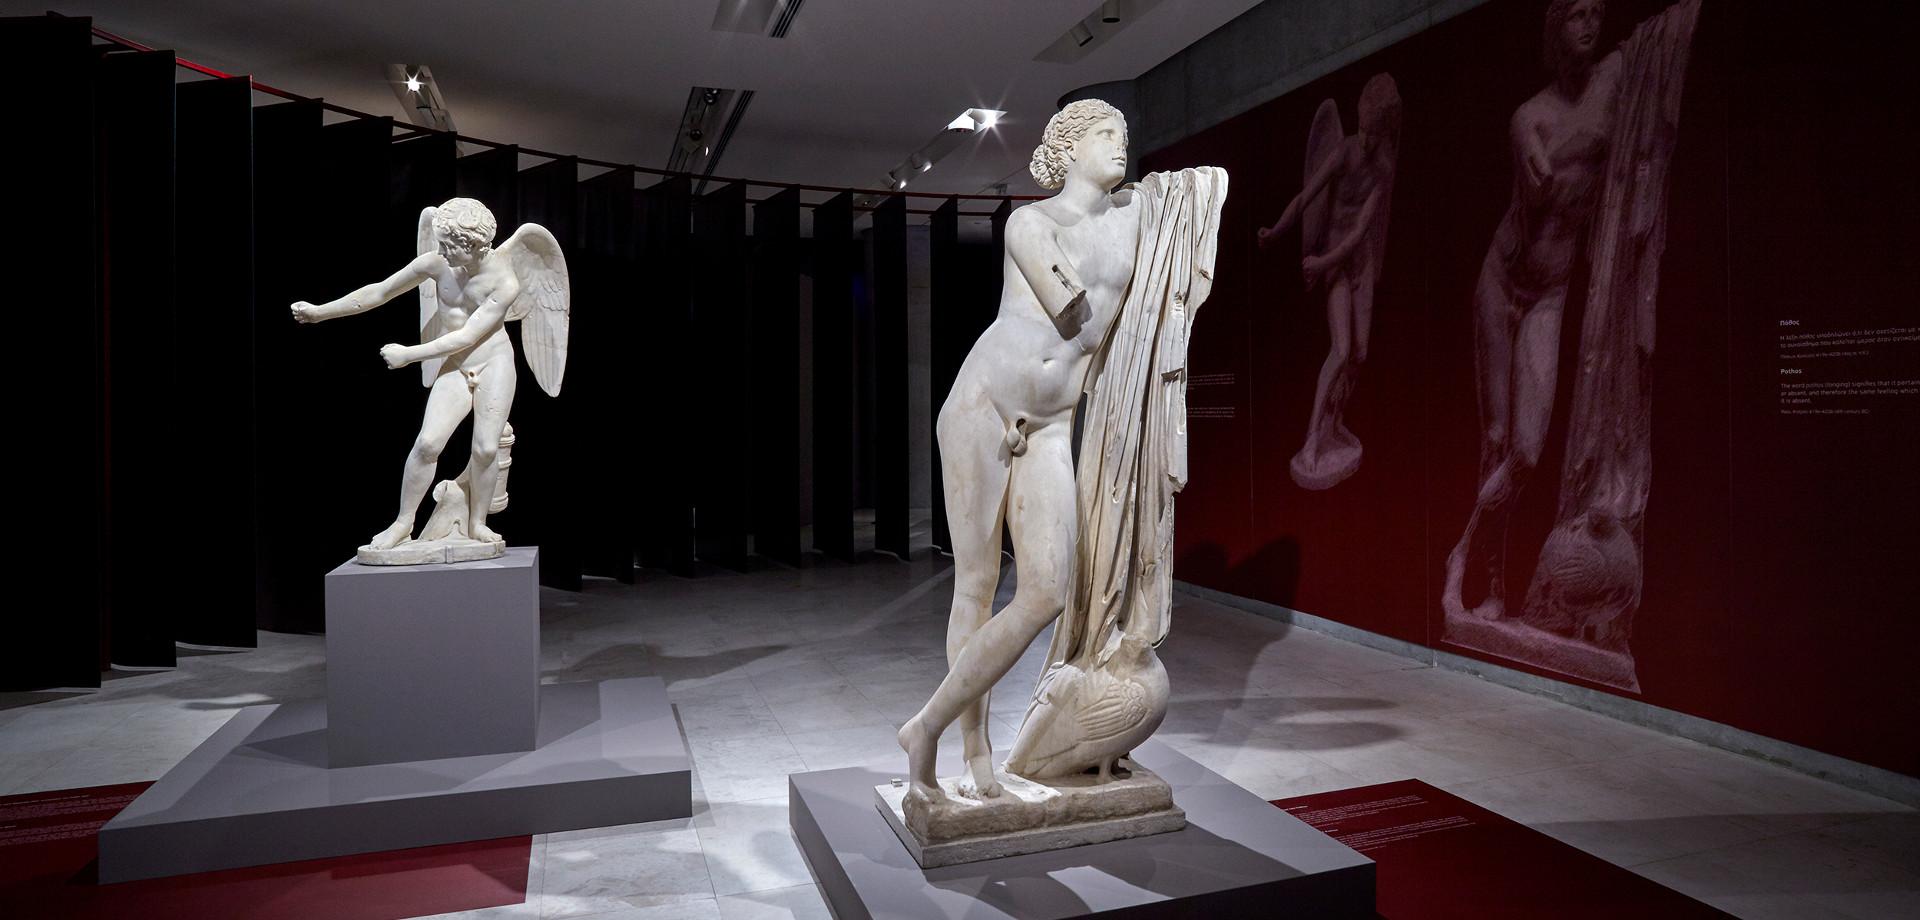 Μανώλης Μητσιάς στο μουσείο Ακρόπολη